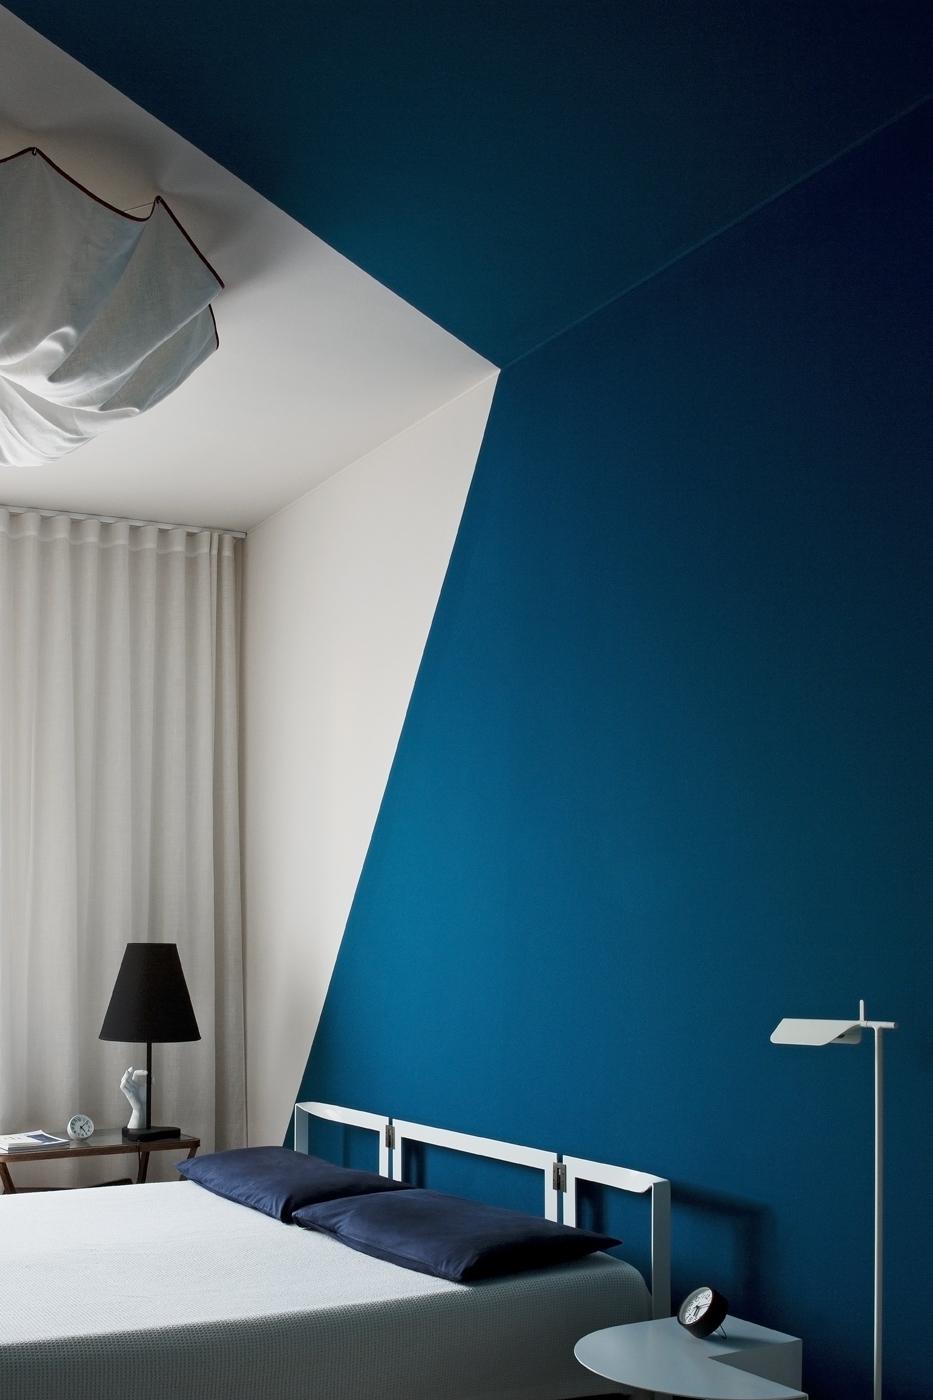 blu-navy-colore-pareti-abbinamenti-bianco-living-corriere